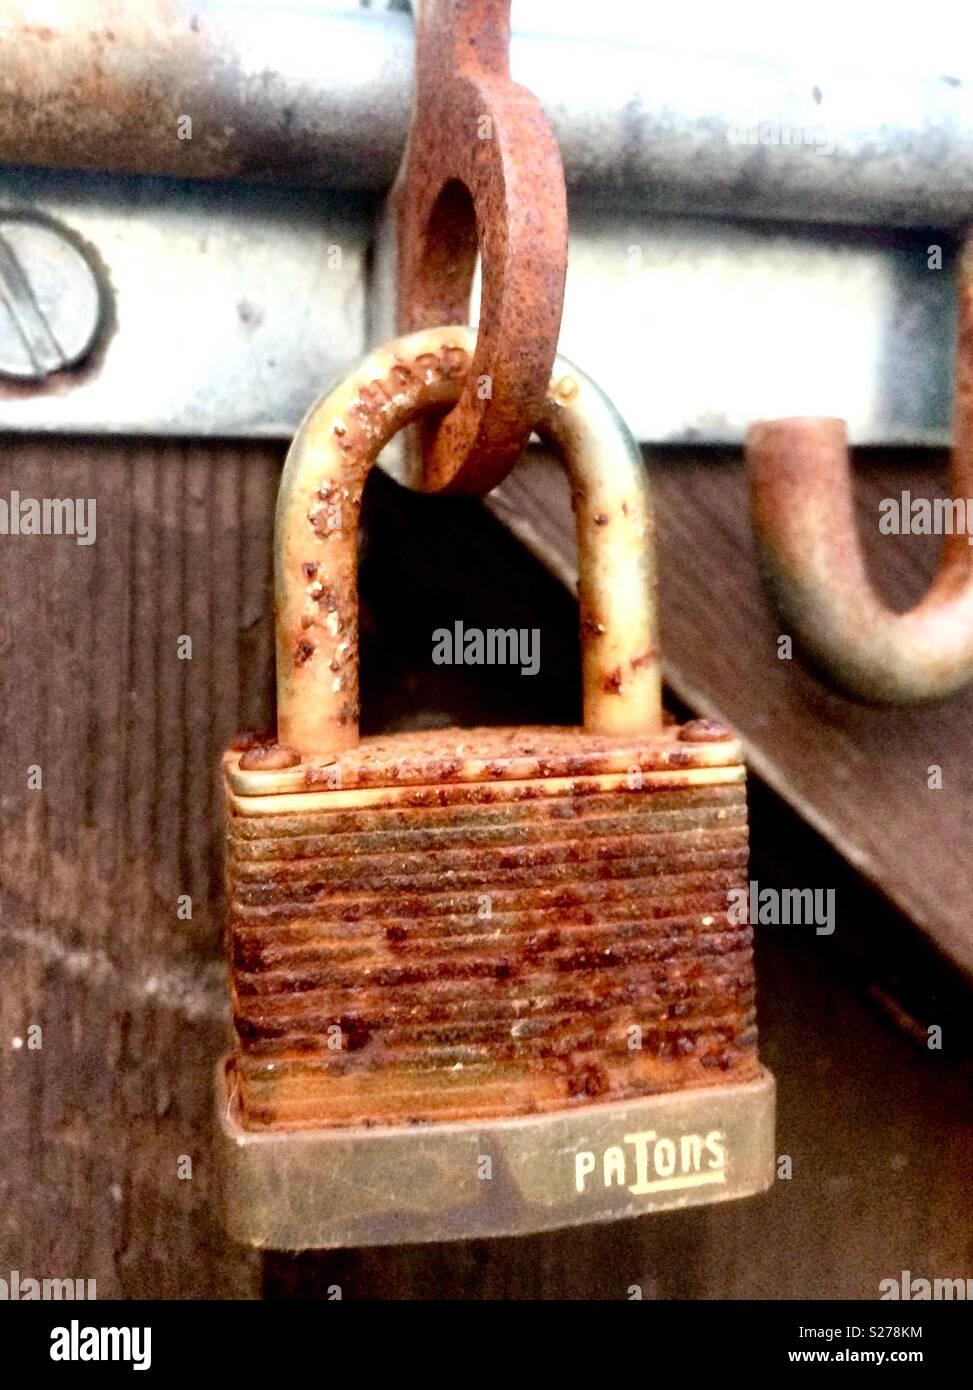 rusty schloss auf einem gartentor stockfoto, bild: 311176424 - alamy